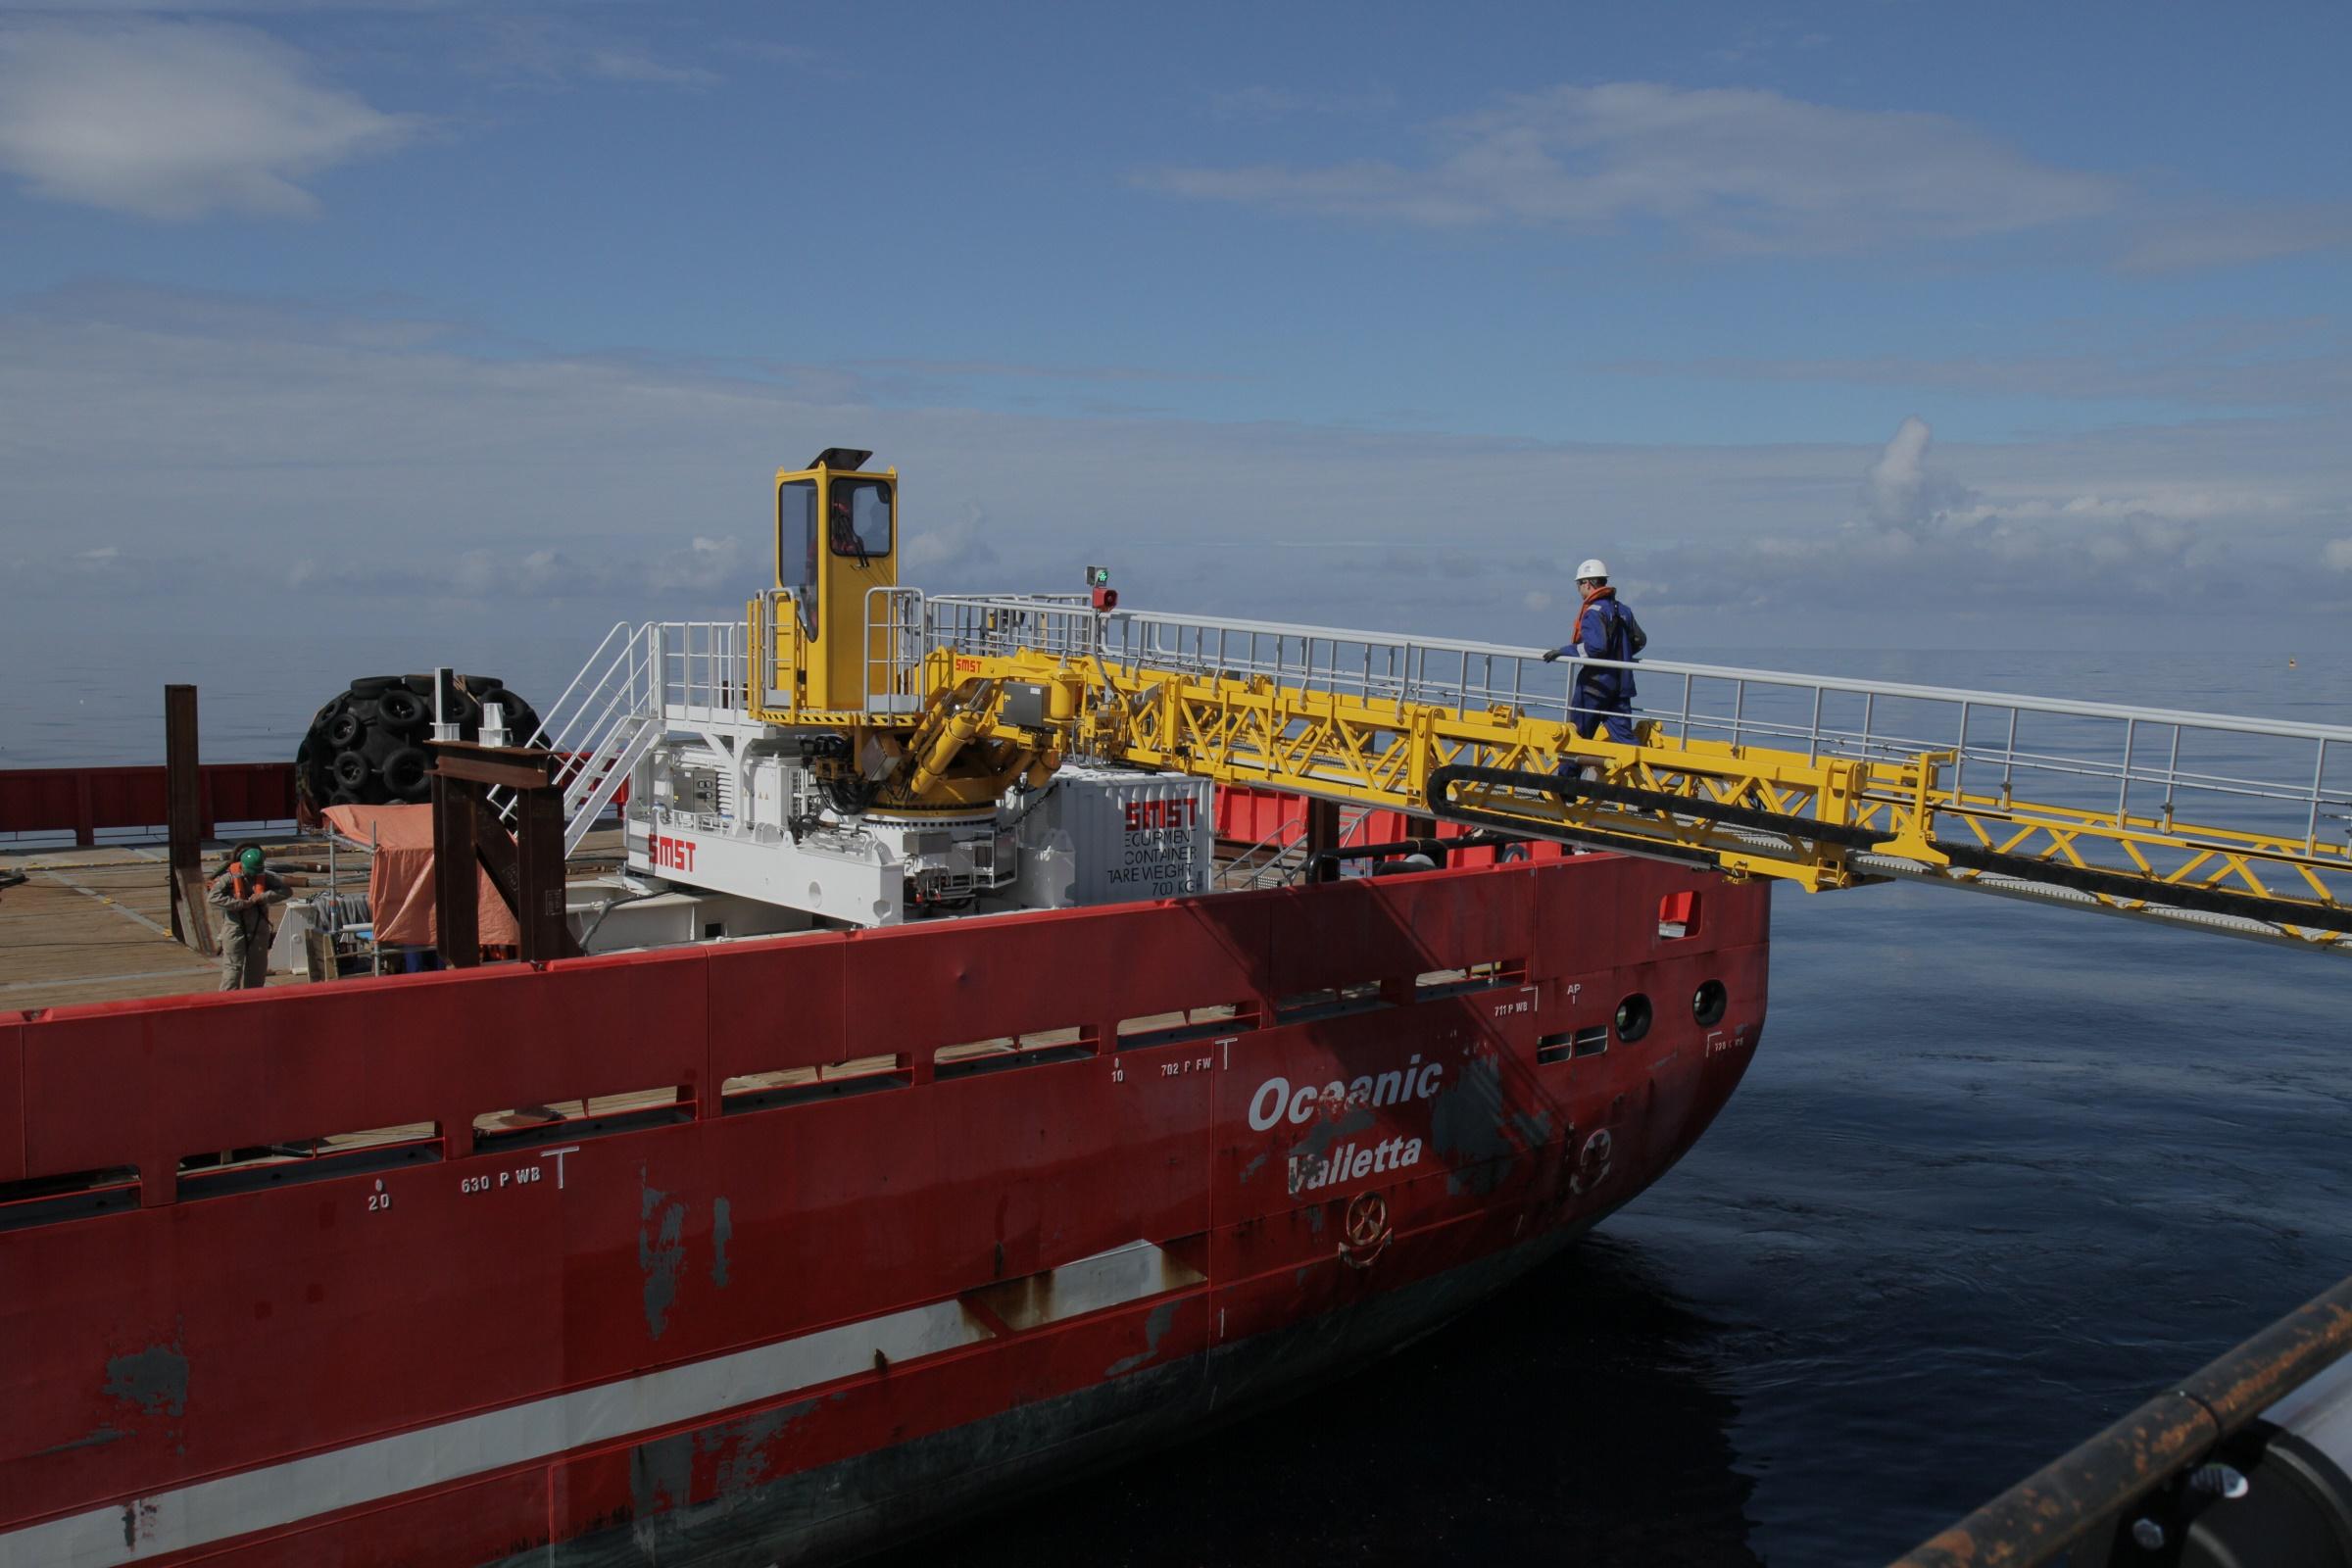 SMST gangway back on board of Allseas' Oceanic